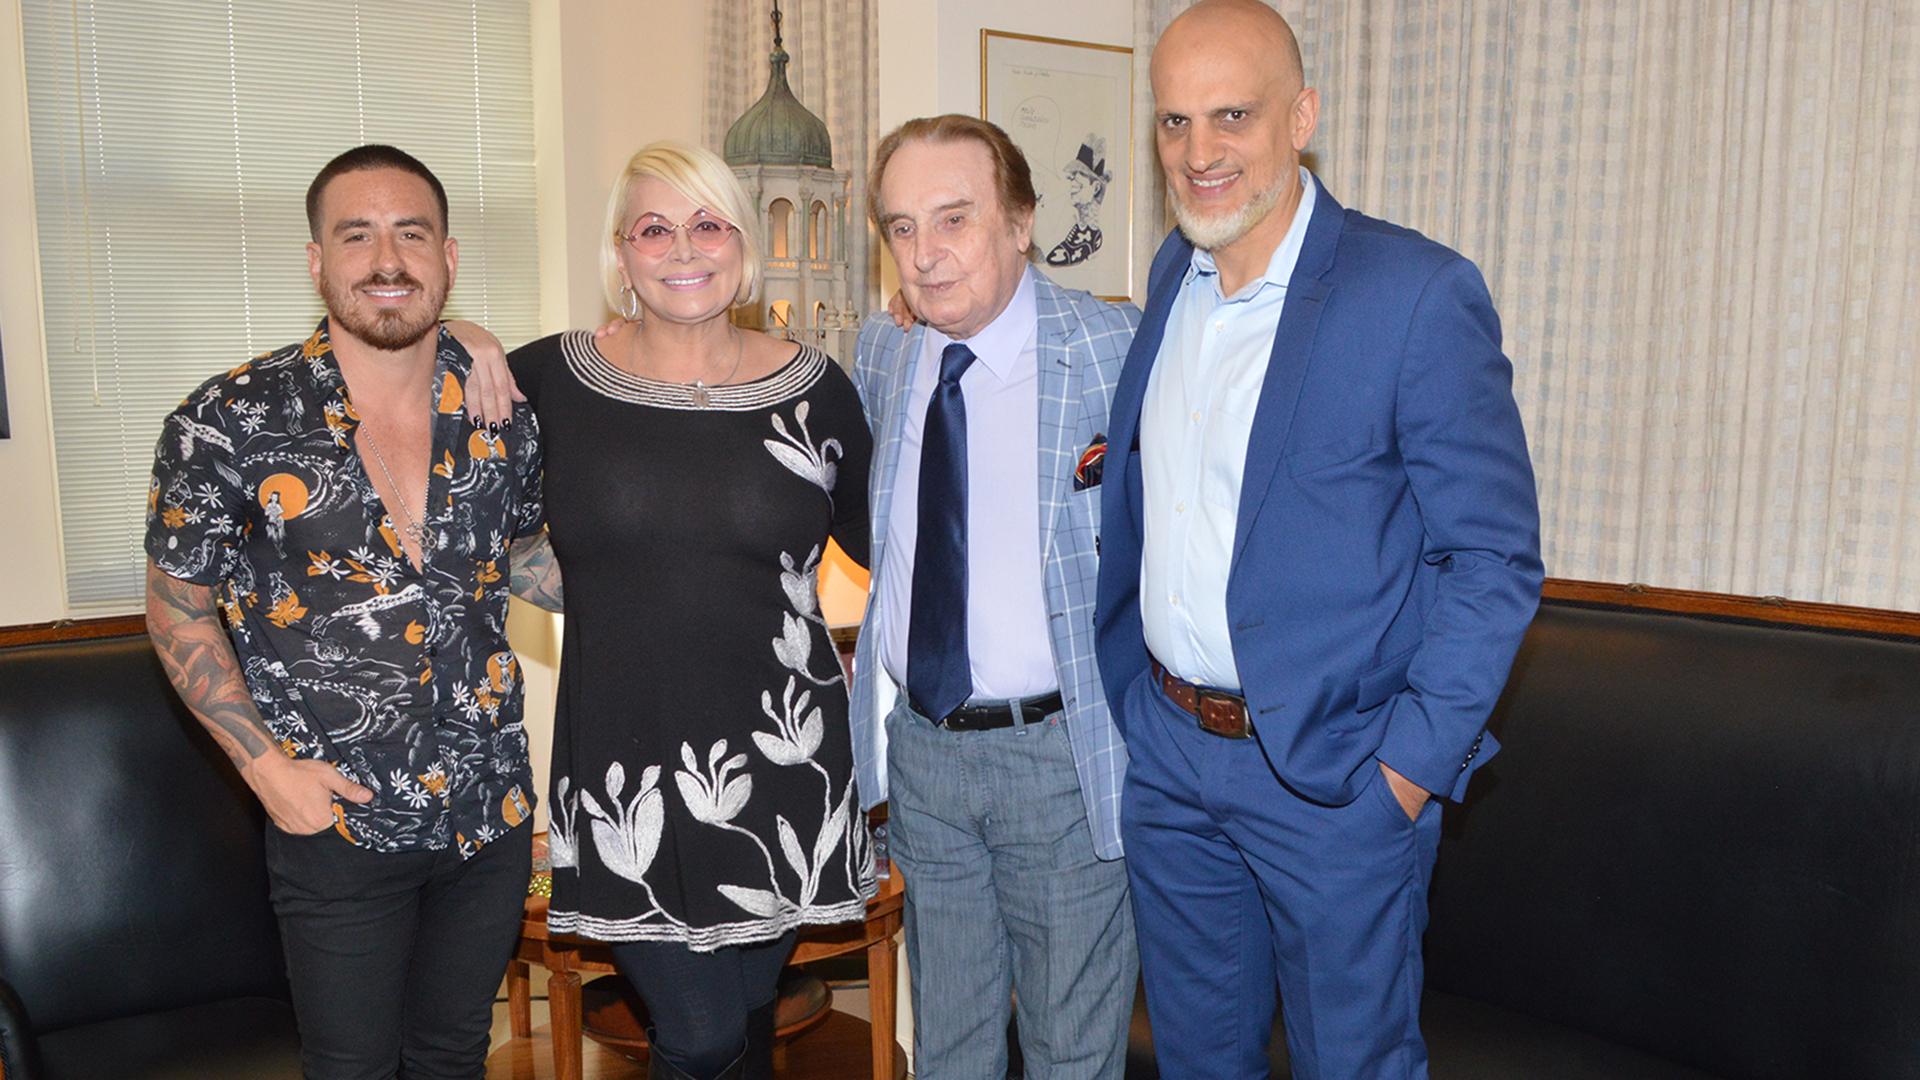 Con la producción de Guillermo Marín, el espectáculo apunta a buscar un nombre fuerte como vedette, y la idea sería contar con Jimena Barón